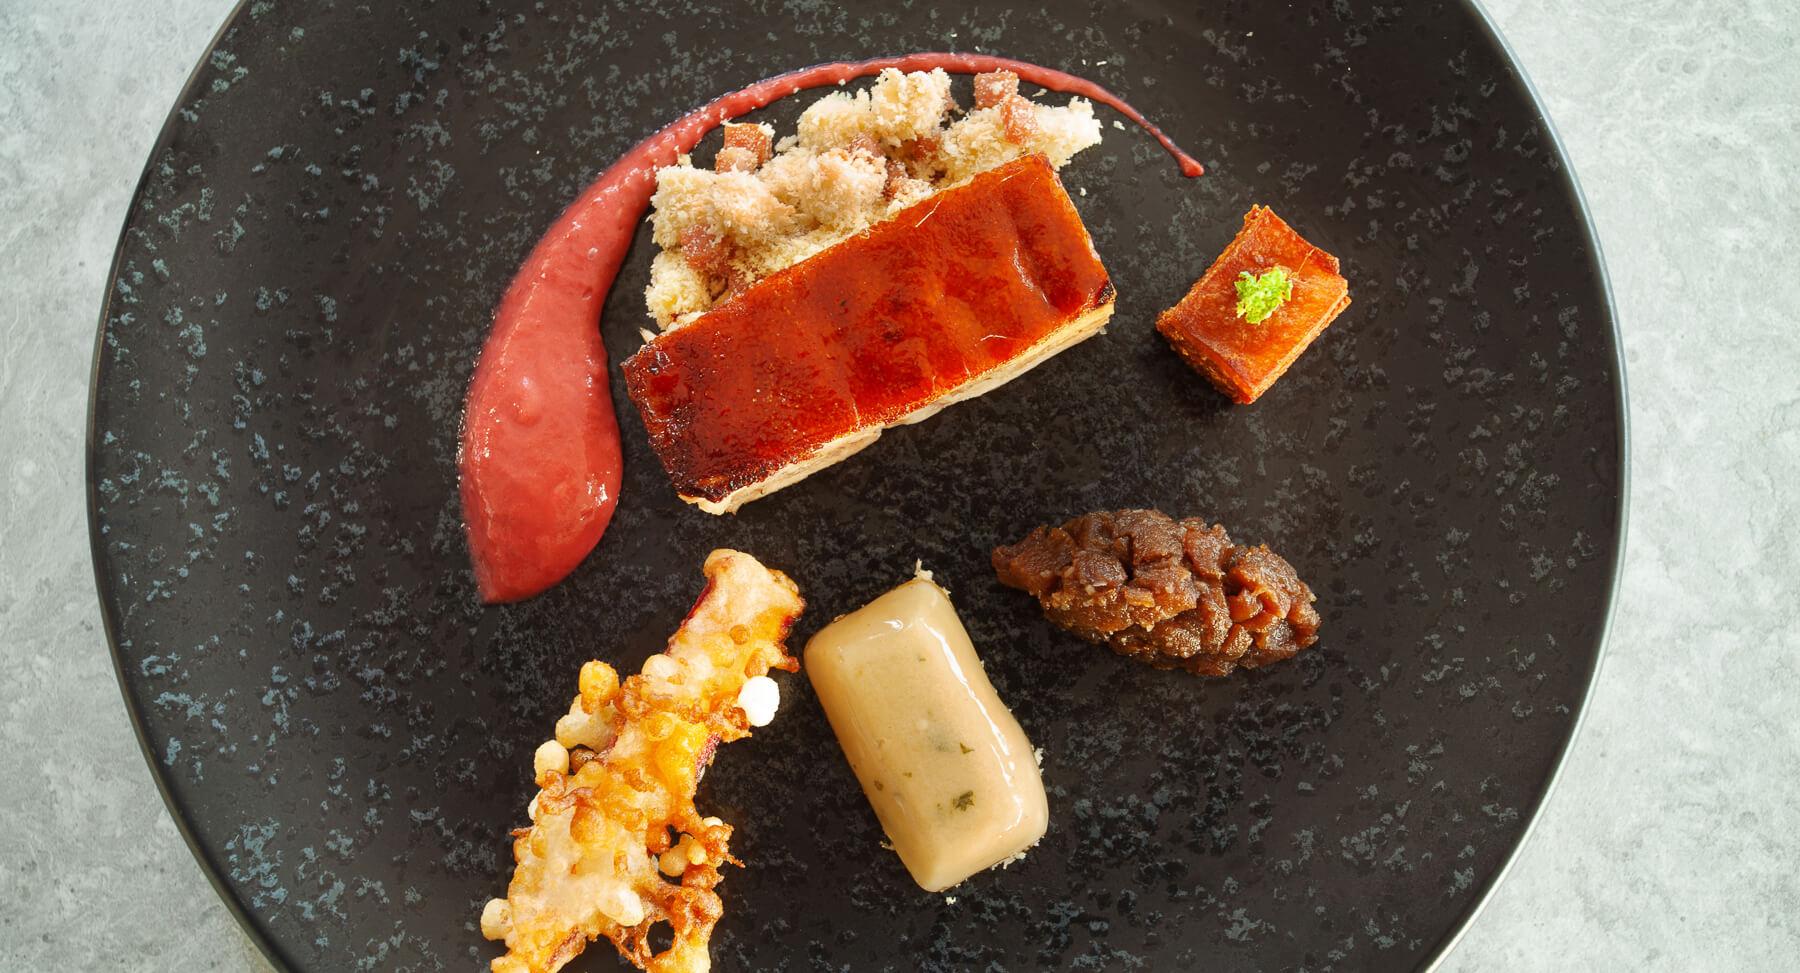 Plat du Restaurant Bistronomique Franco-Brésilien de l'Hôtel Sainte Victoireà Vauvenargues